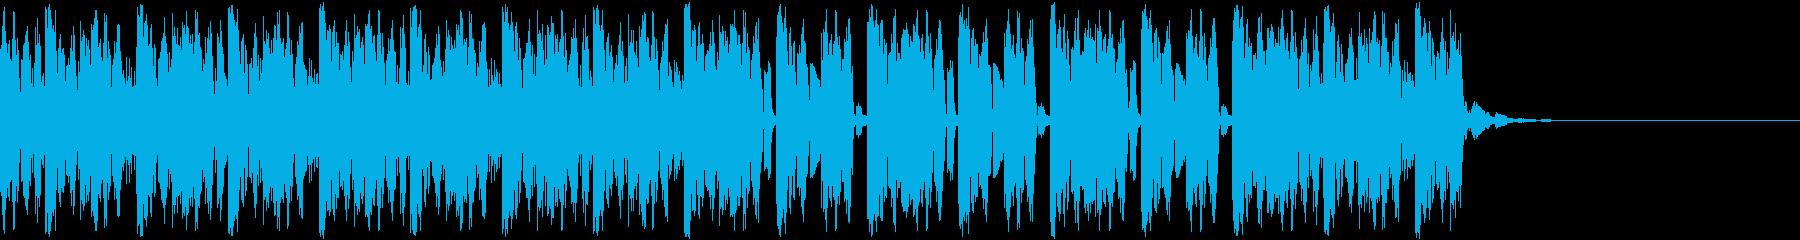 デジタル、CG、SFX等の映像ショート⑬の再生済みの波形